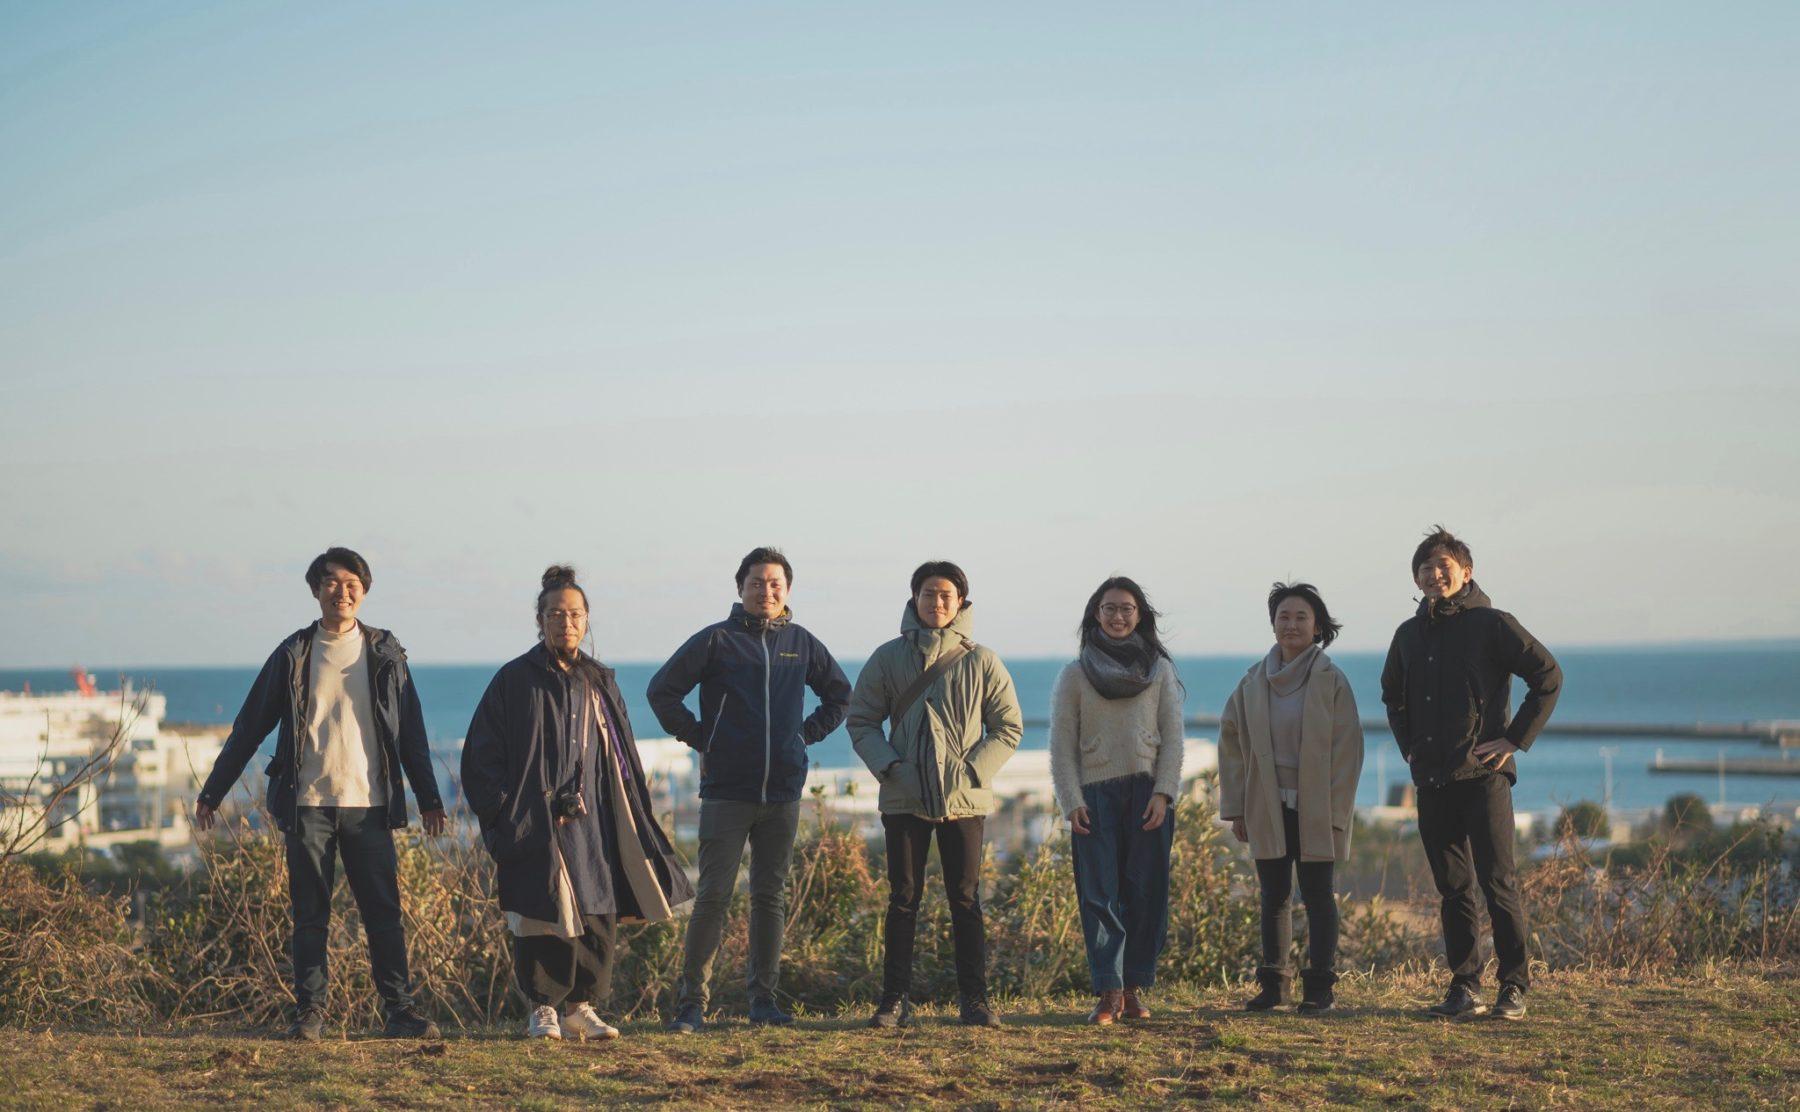 クリエイティブの力で地域貢献するには?茨城県で活動する「大洗カオス」が語る